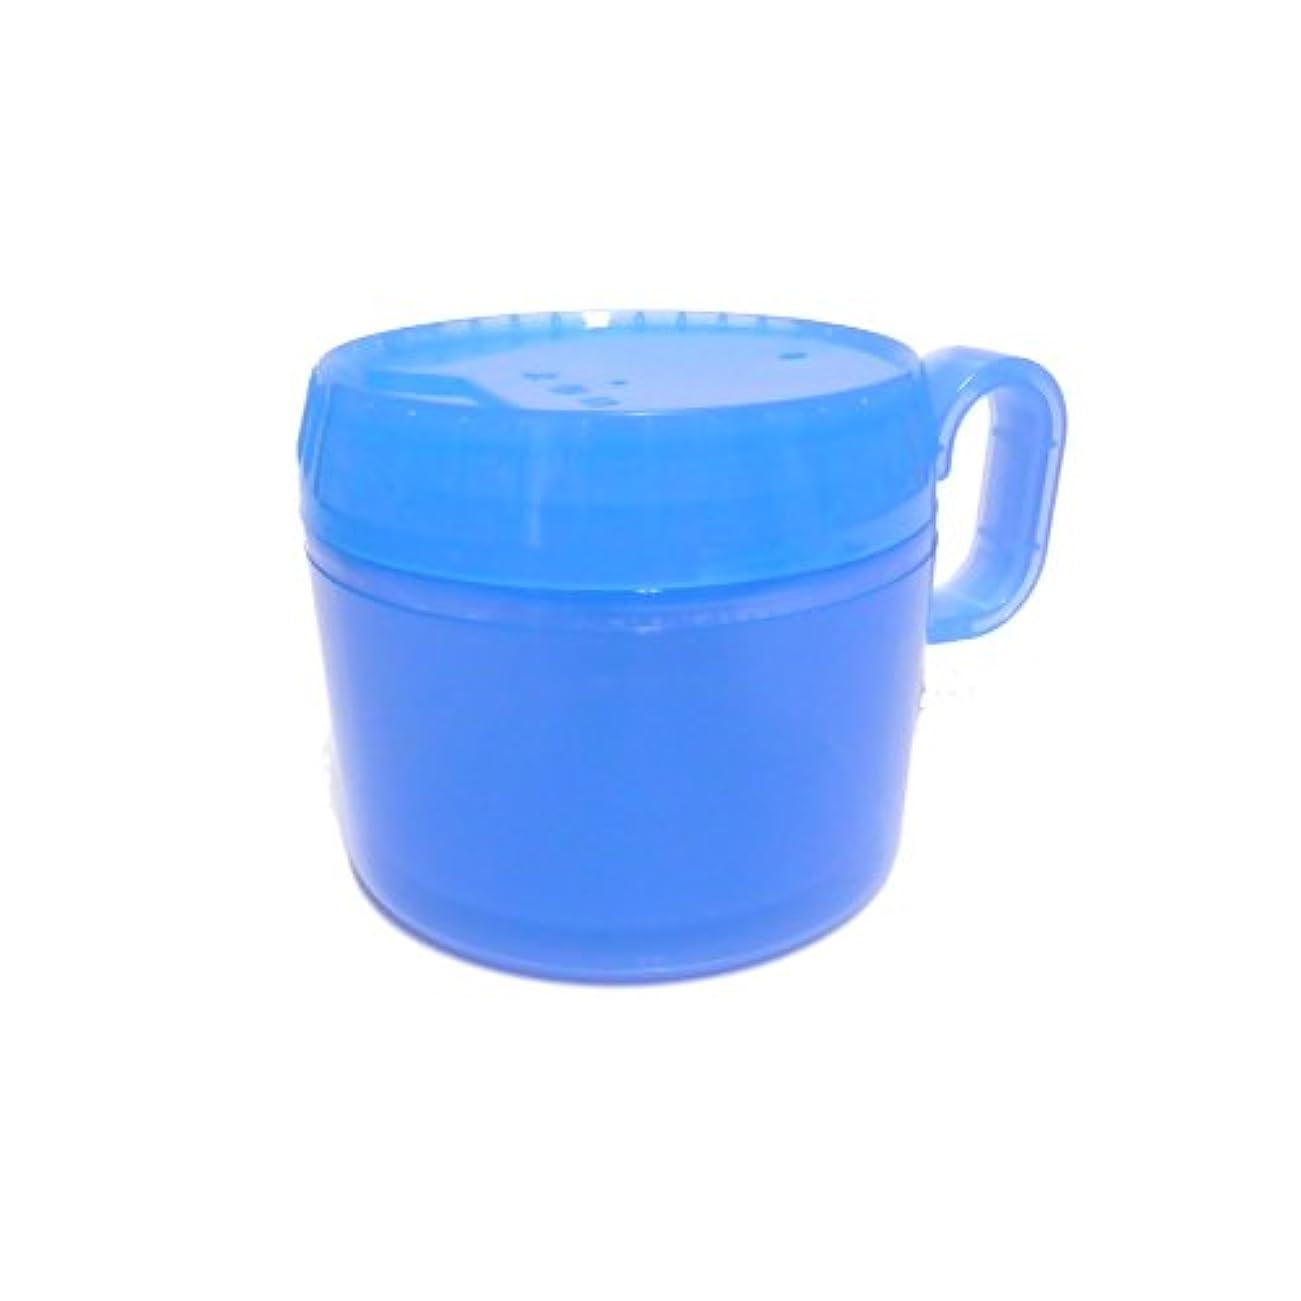 十分再開専制ニッシン フィジオ クリーン キラリ 入れ歯 保温洗浄容器